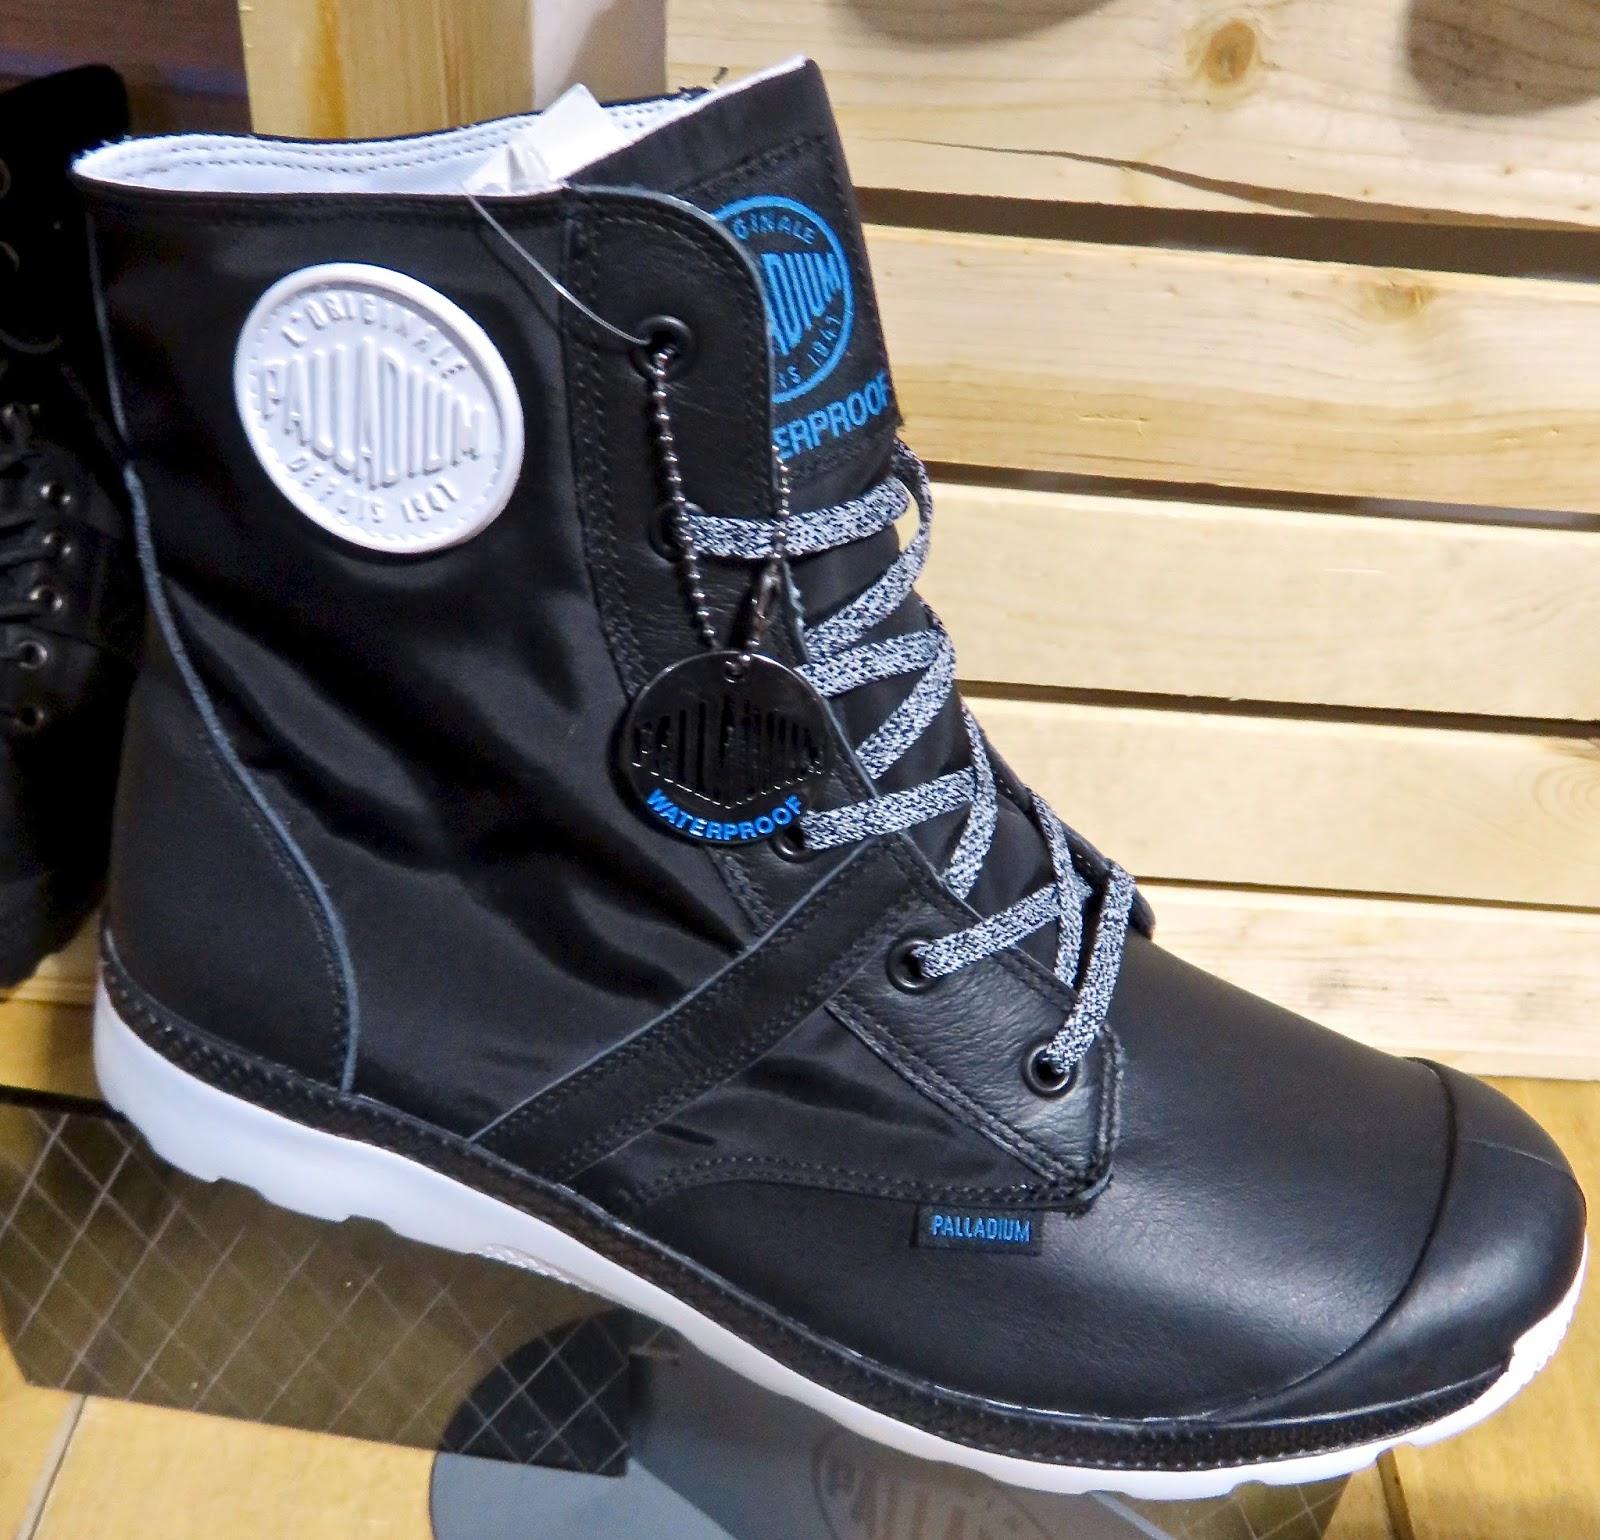 PALLADIUM Pallaville Hi Rise Waterproof Boot 60OCyrrTUX